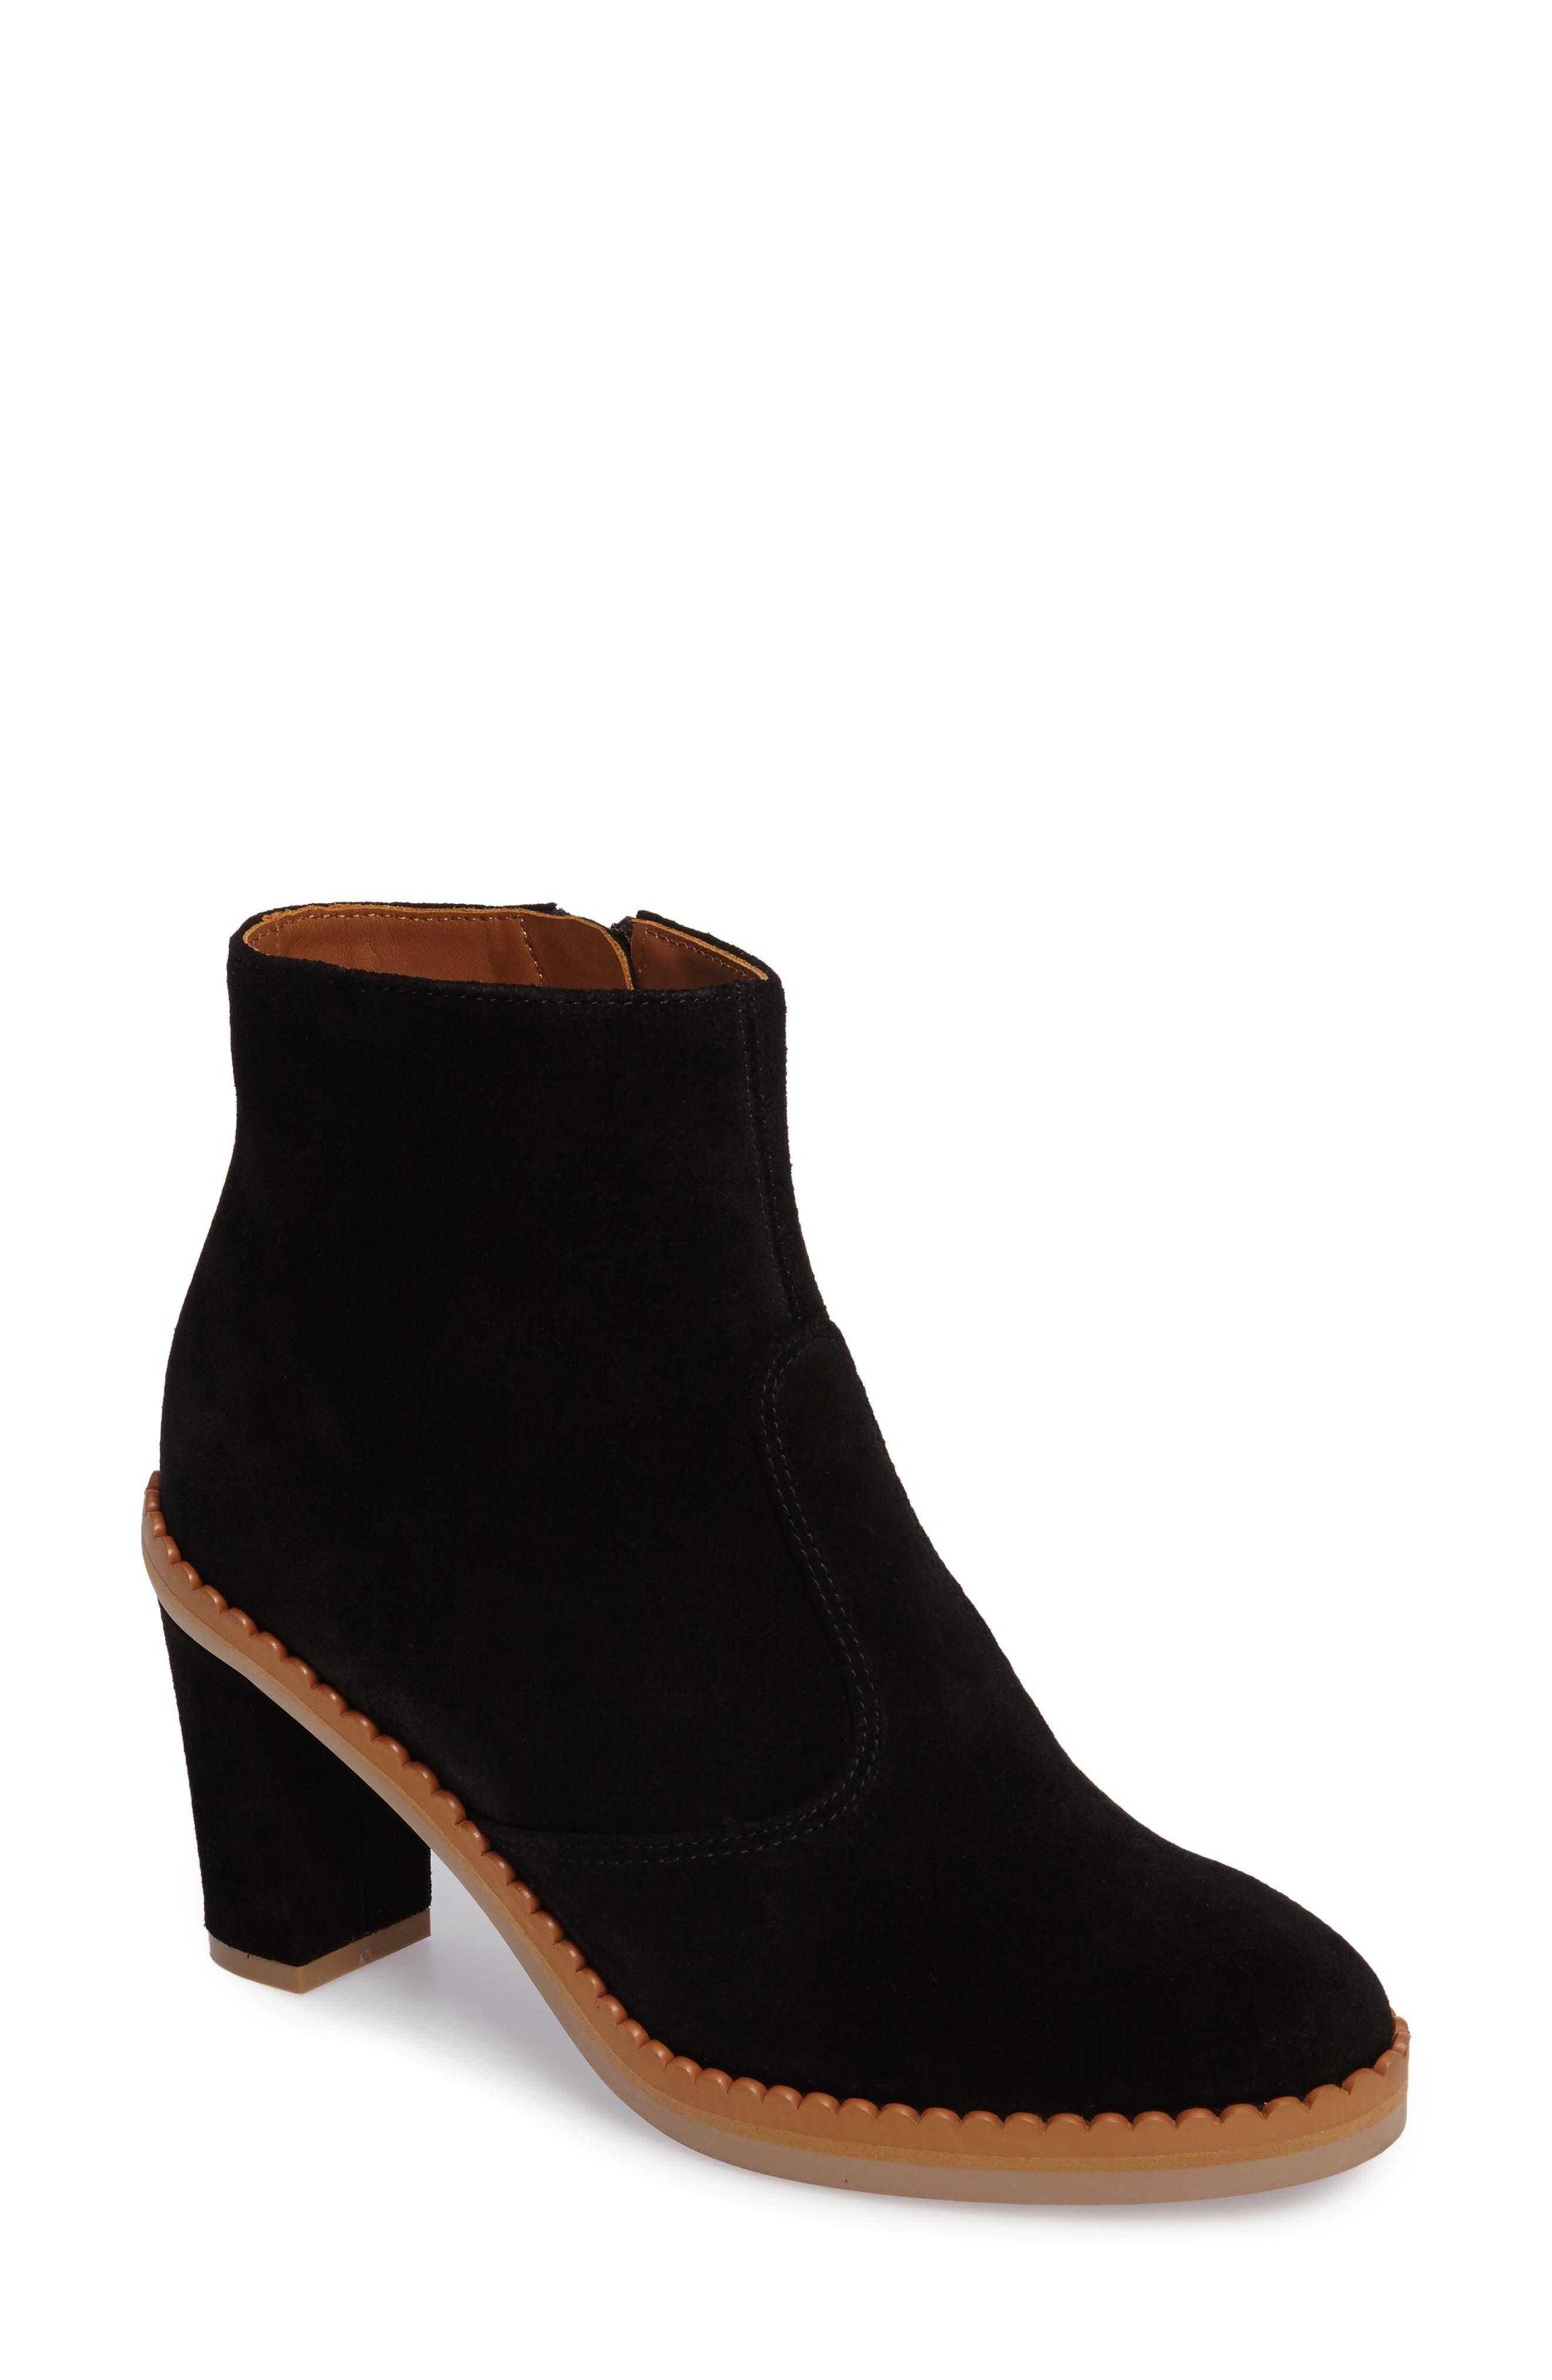 Stasya Block Heel Bootie,                         Main,                         color, Black